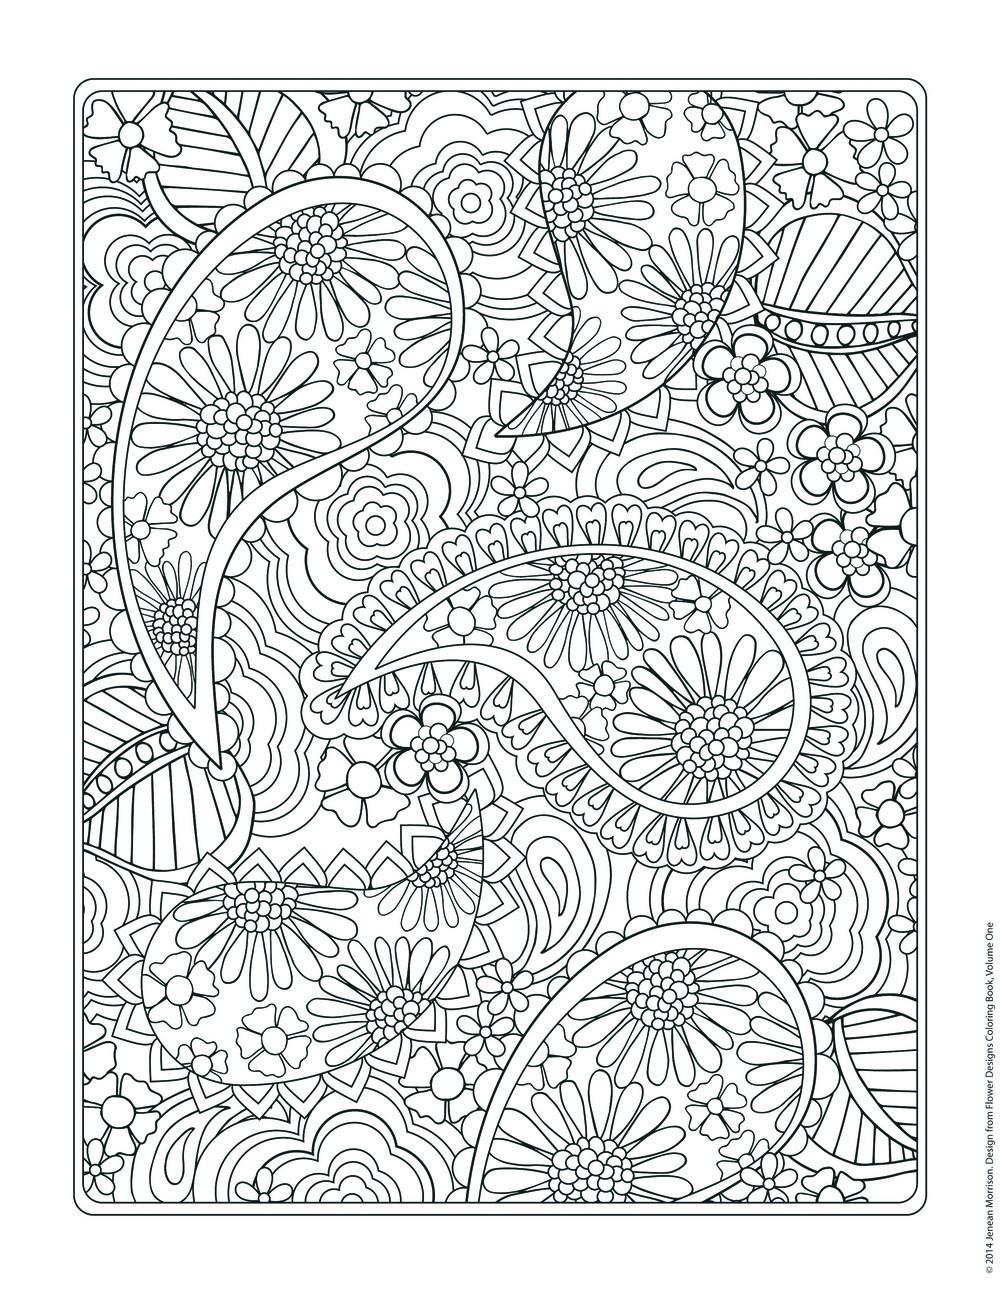 Design Coloring Sheets For Girls  Flower Designs Coloring Book — Jenean Morrison Art & Design